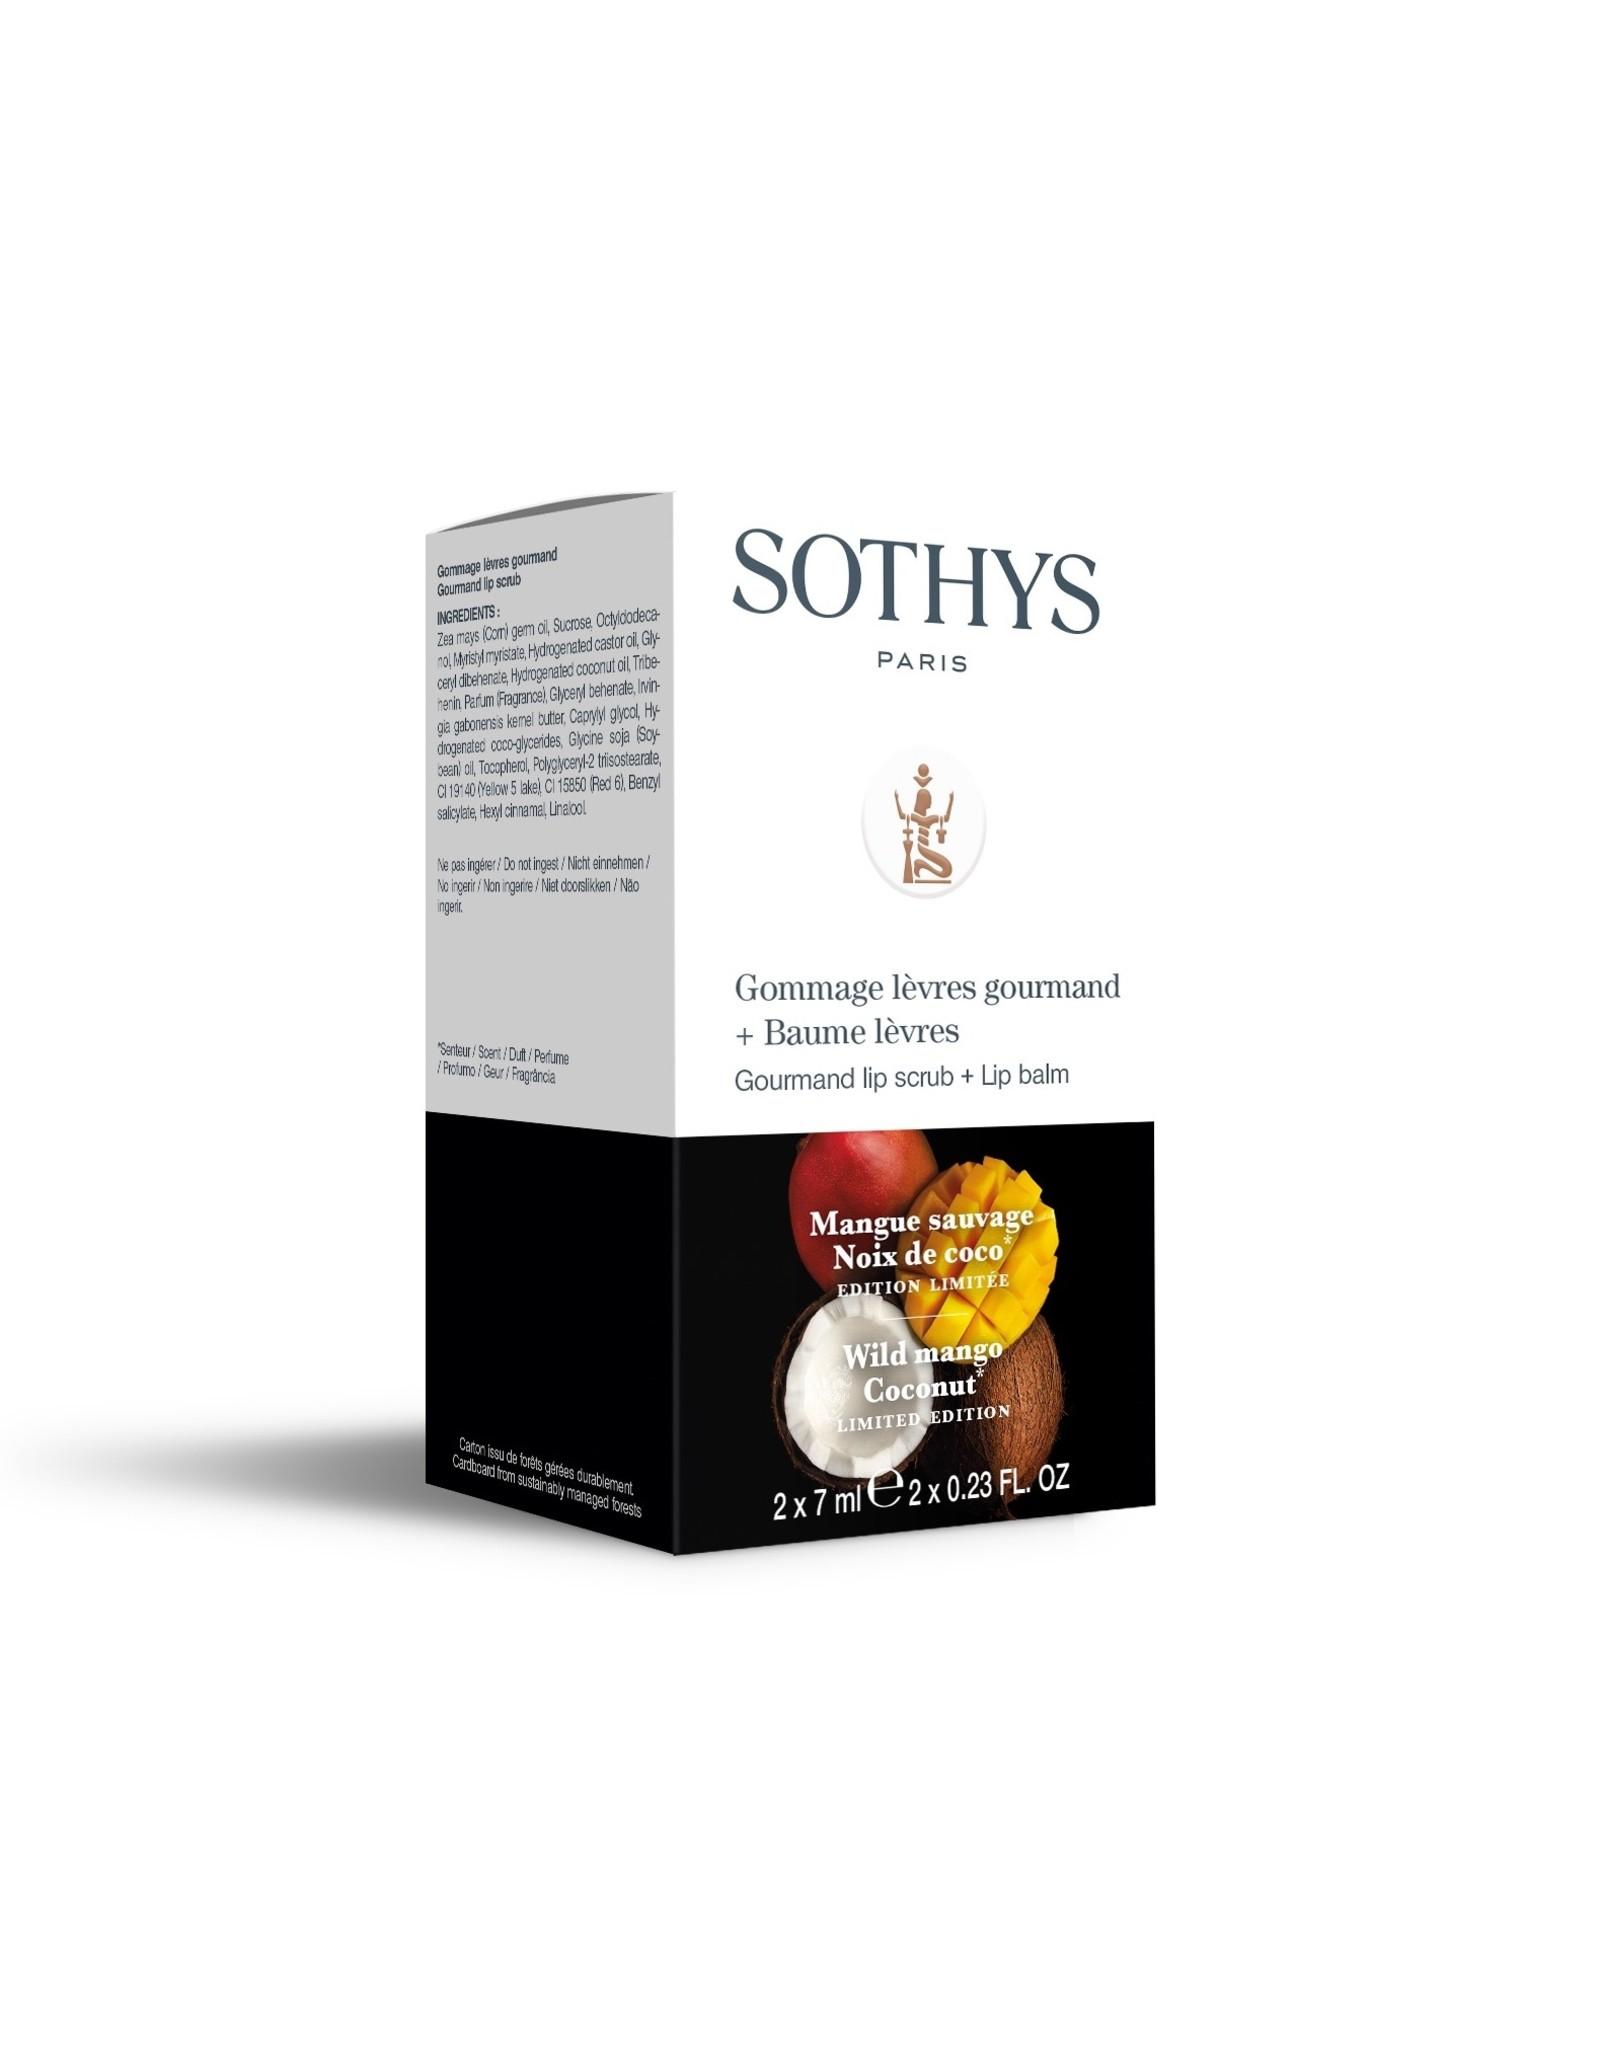 SOTHYS Gommage lèvres + Baume lèvres - Edition limitée